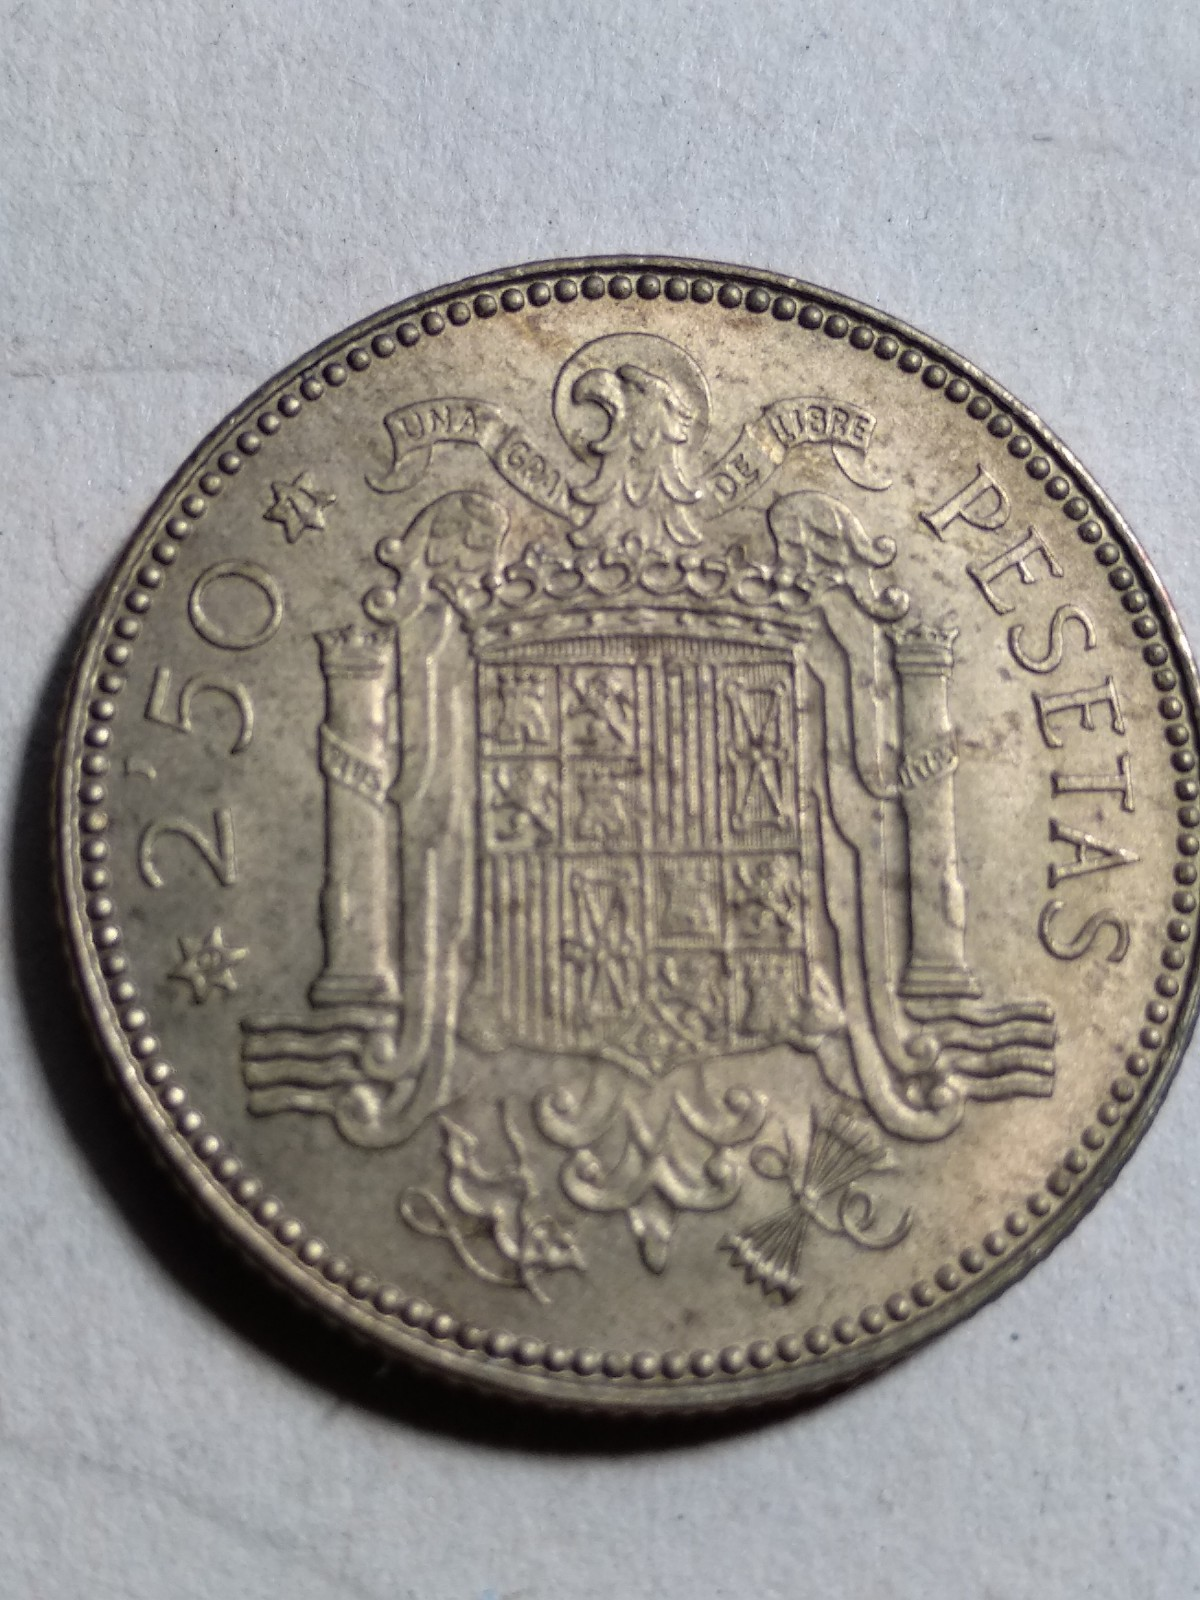 2,50 pesetas (*19-71). Estado Español. Procedente de la tira 2hocvid